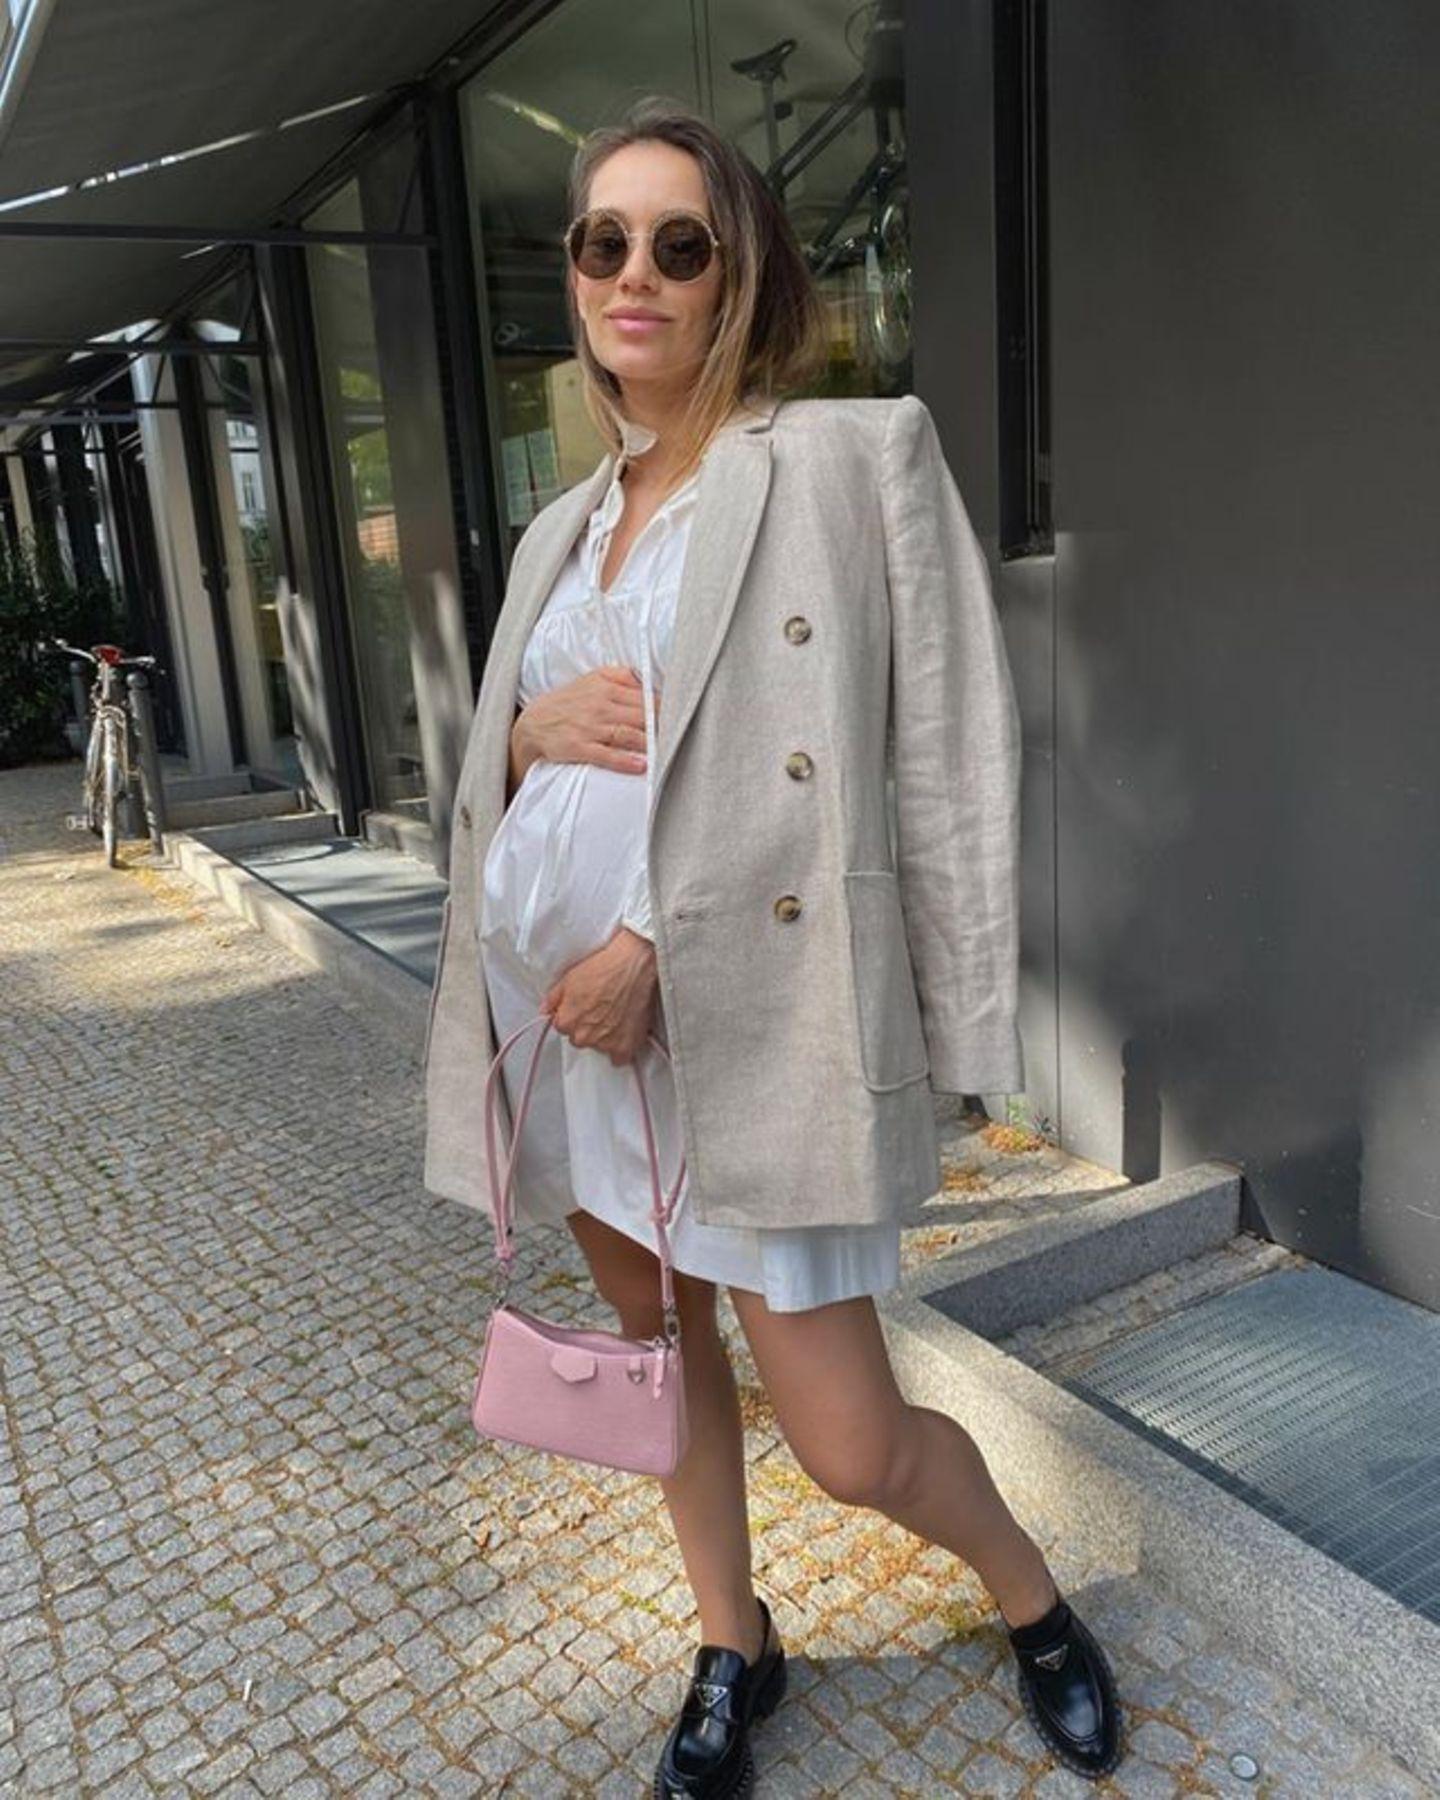 Endlich zeigt Model Anna Schürrle auf Instagram ihre Babykugel. Erst vor wenigen Tagen hat sie ihre Schwangerschaft auf Instagram bekannt gegeben. In diesem weißen Blusenkleid kommt ihr Bauch richtig toll zur Geltung. Dazu trägt sie ihren Leinenblazer lässig über die Schulter geworden und die rosafarbene Tasche gibt ihrem sommerlichen Look den letzten Schliff.